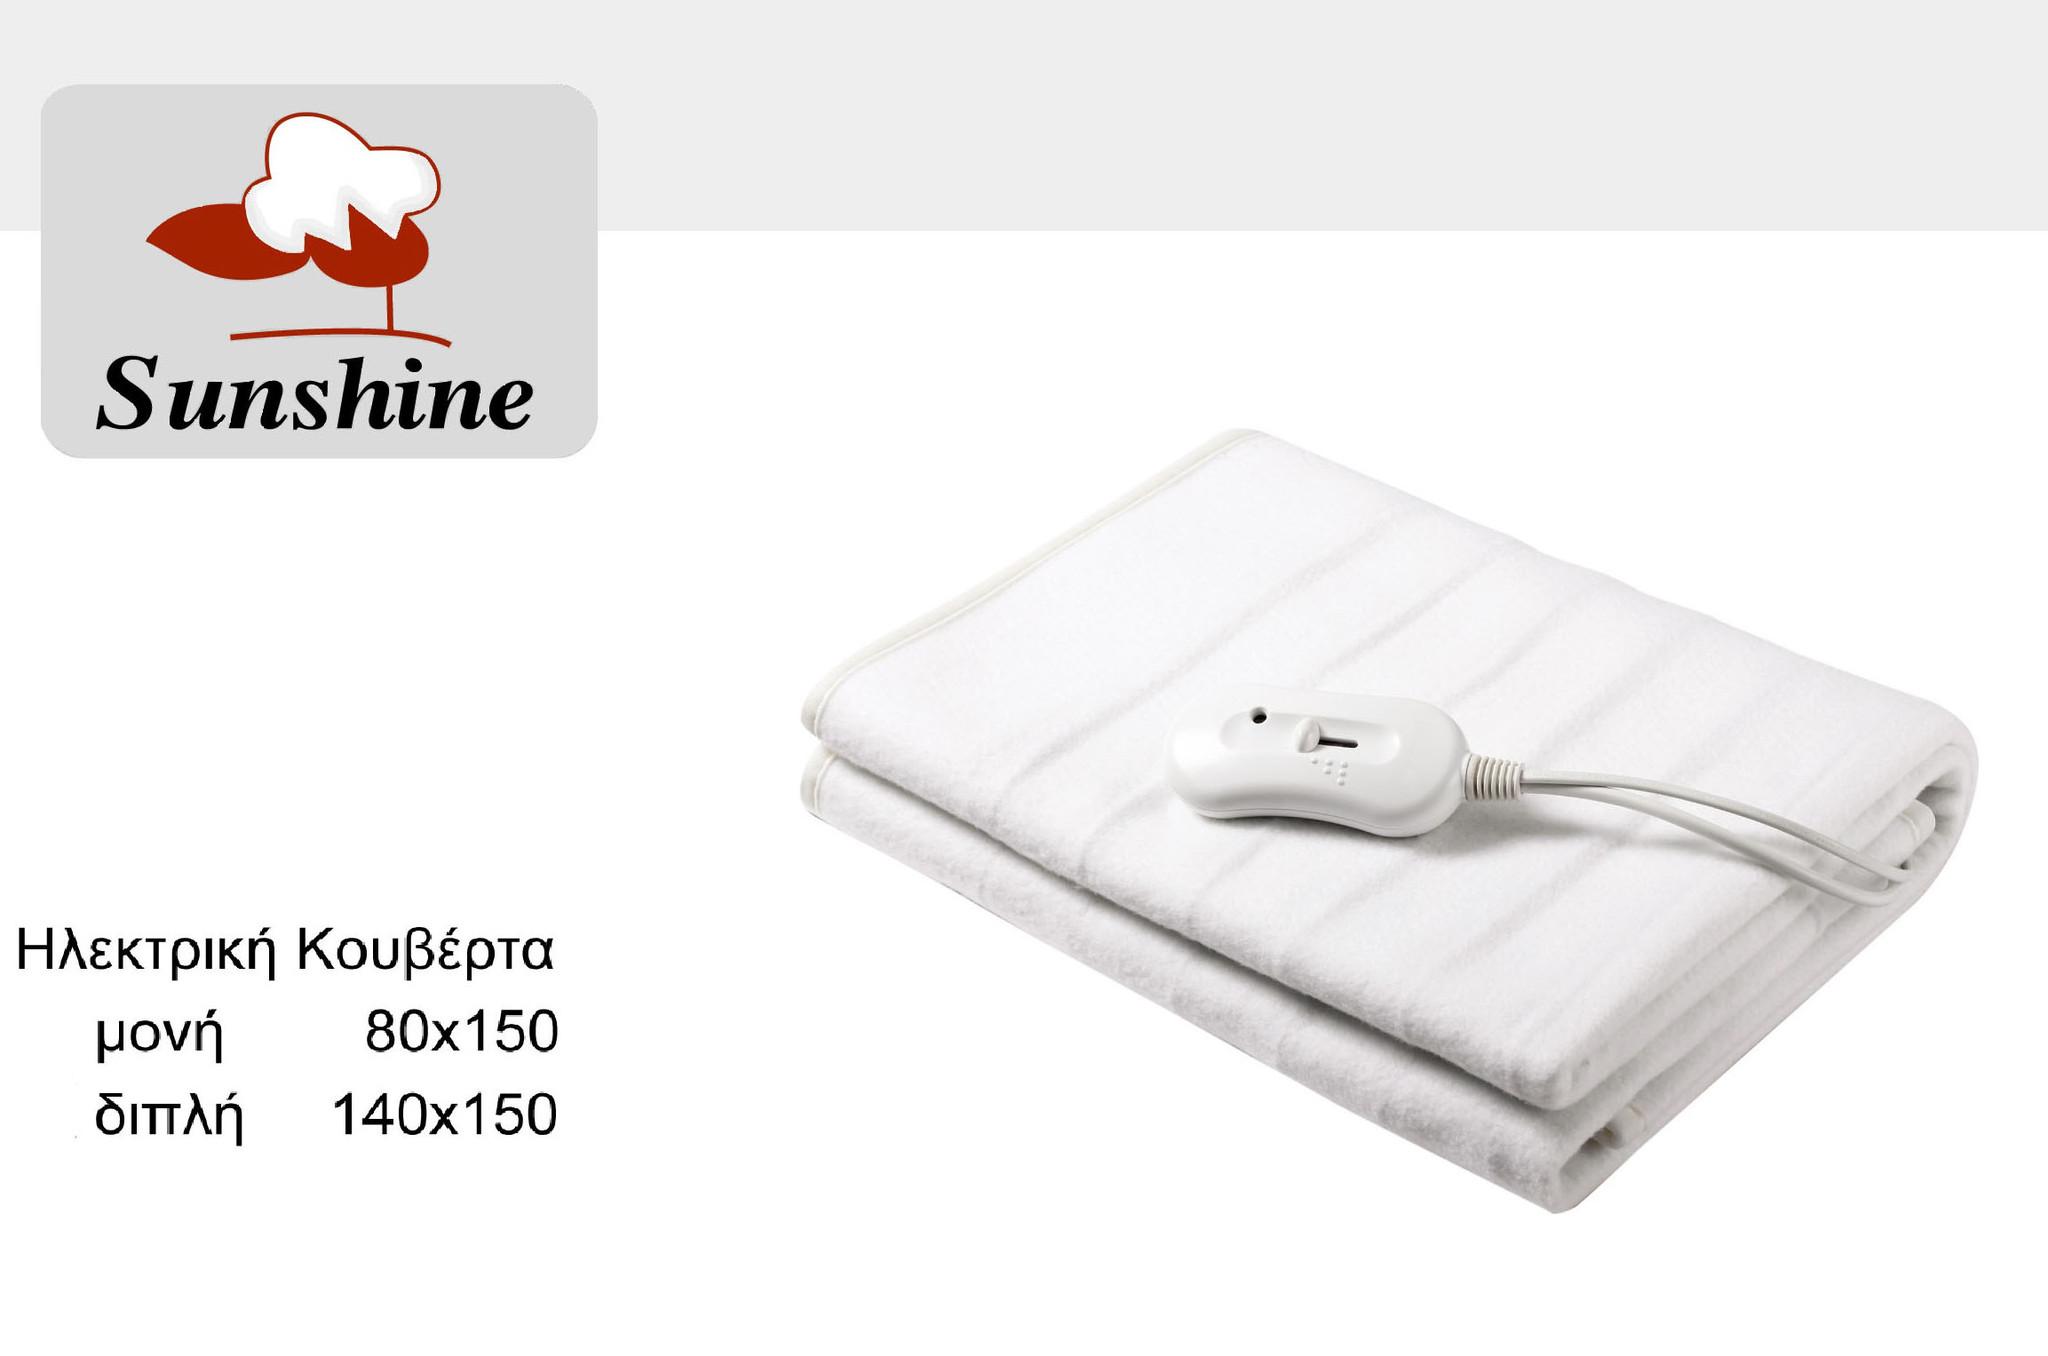 Ηλεκτρική κουβέρτα Sunshine-Διπλή 140x150 λευκά είδη υπνοδωμάτιο ηλεκτρικές κουβέρτες ηλεκτρικές κουβέρτες ημίδιπλες διπλέ